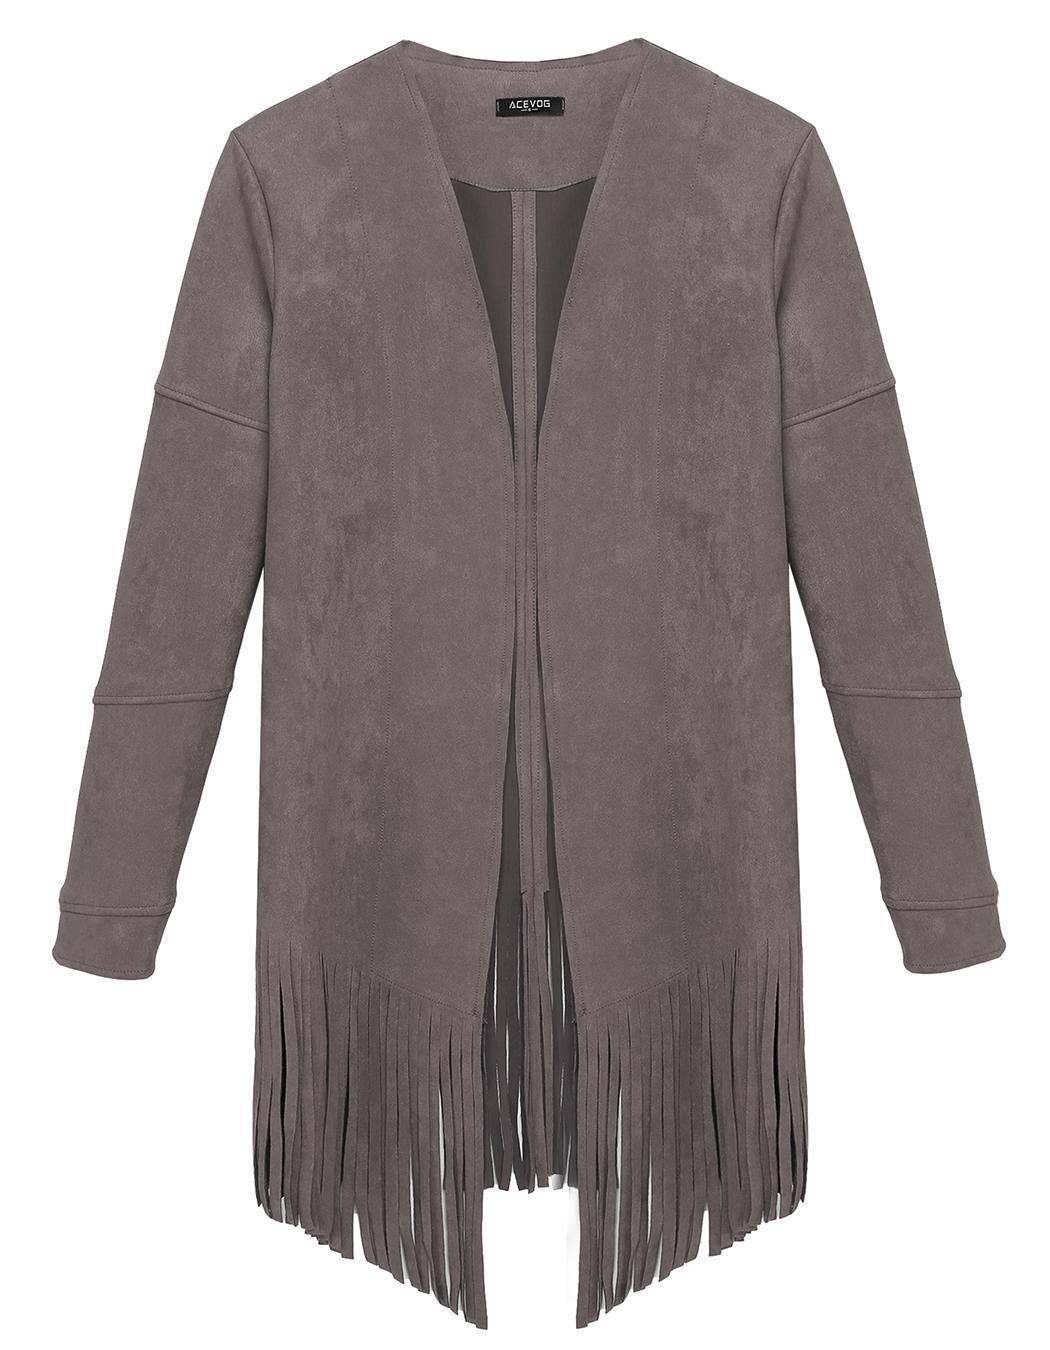 Women Casual Cardigan Long Sleeve Solid Tassel Long Coat 1